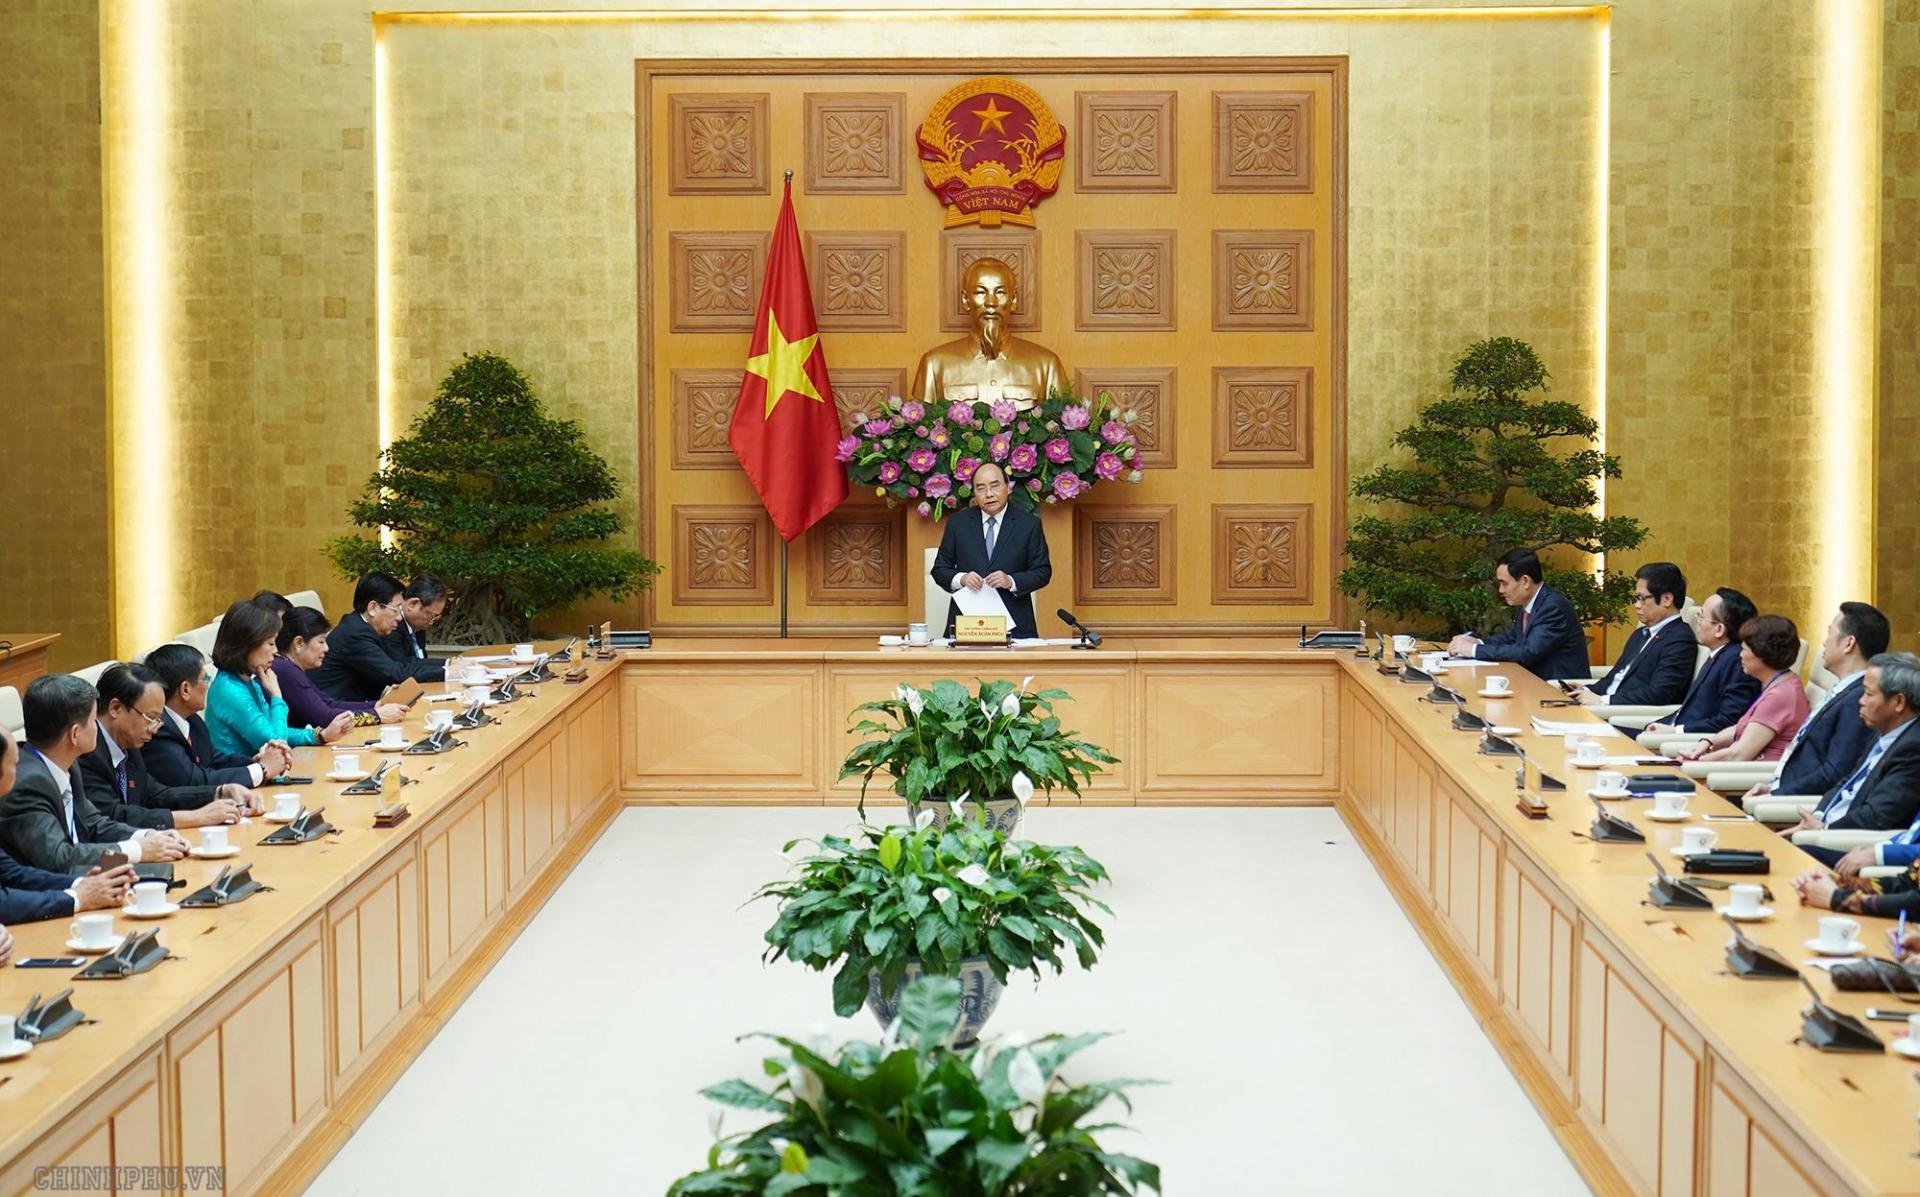 Thủ tướng Nguyễn Xuân Phúc và các đại biểu.